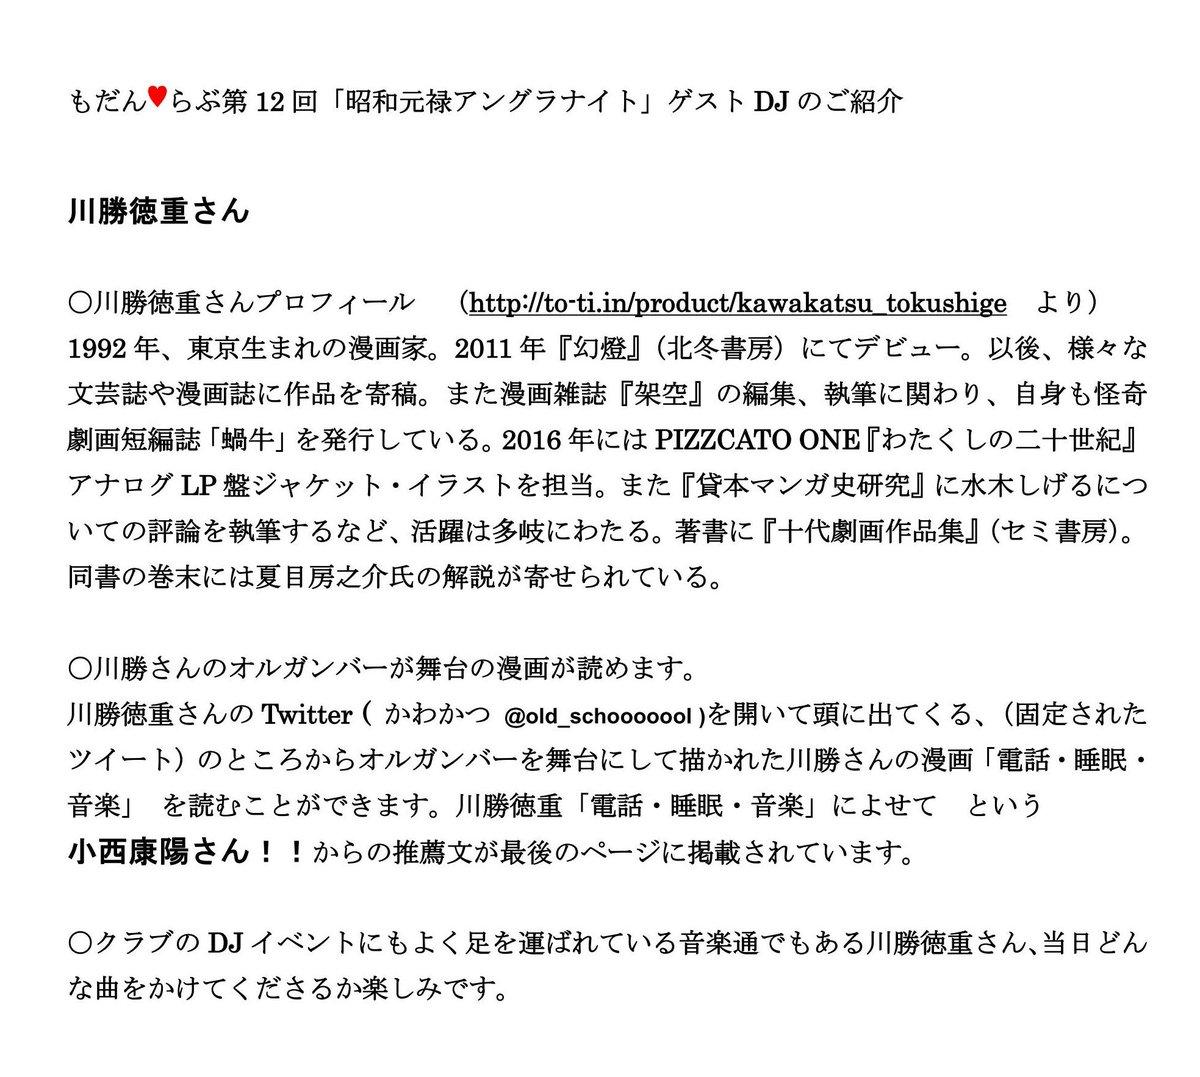 ゲストDJのご紹介 川勝徳重さん ※下記をクリックしてご覧ください。DJ・Liveパーティー もだん♥らぶ 第12回「昭